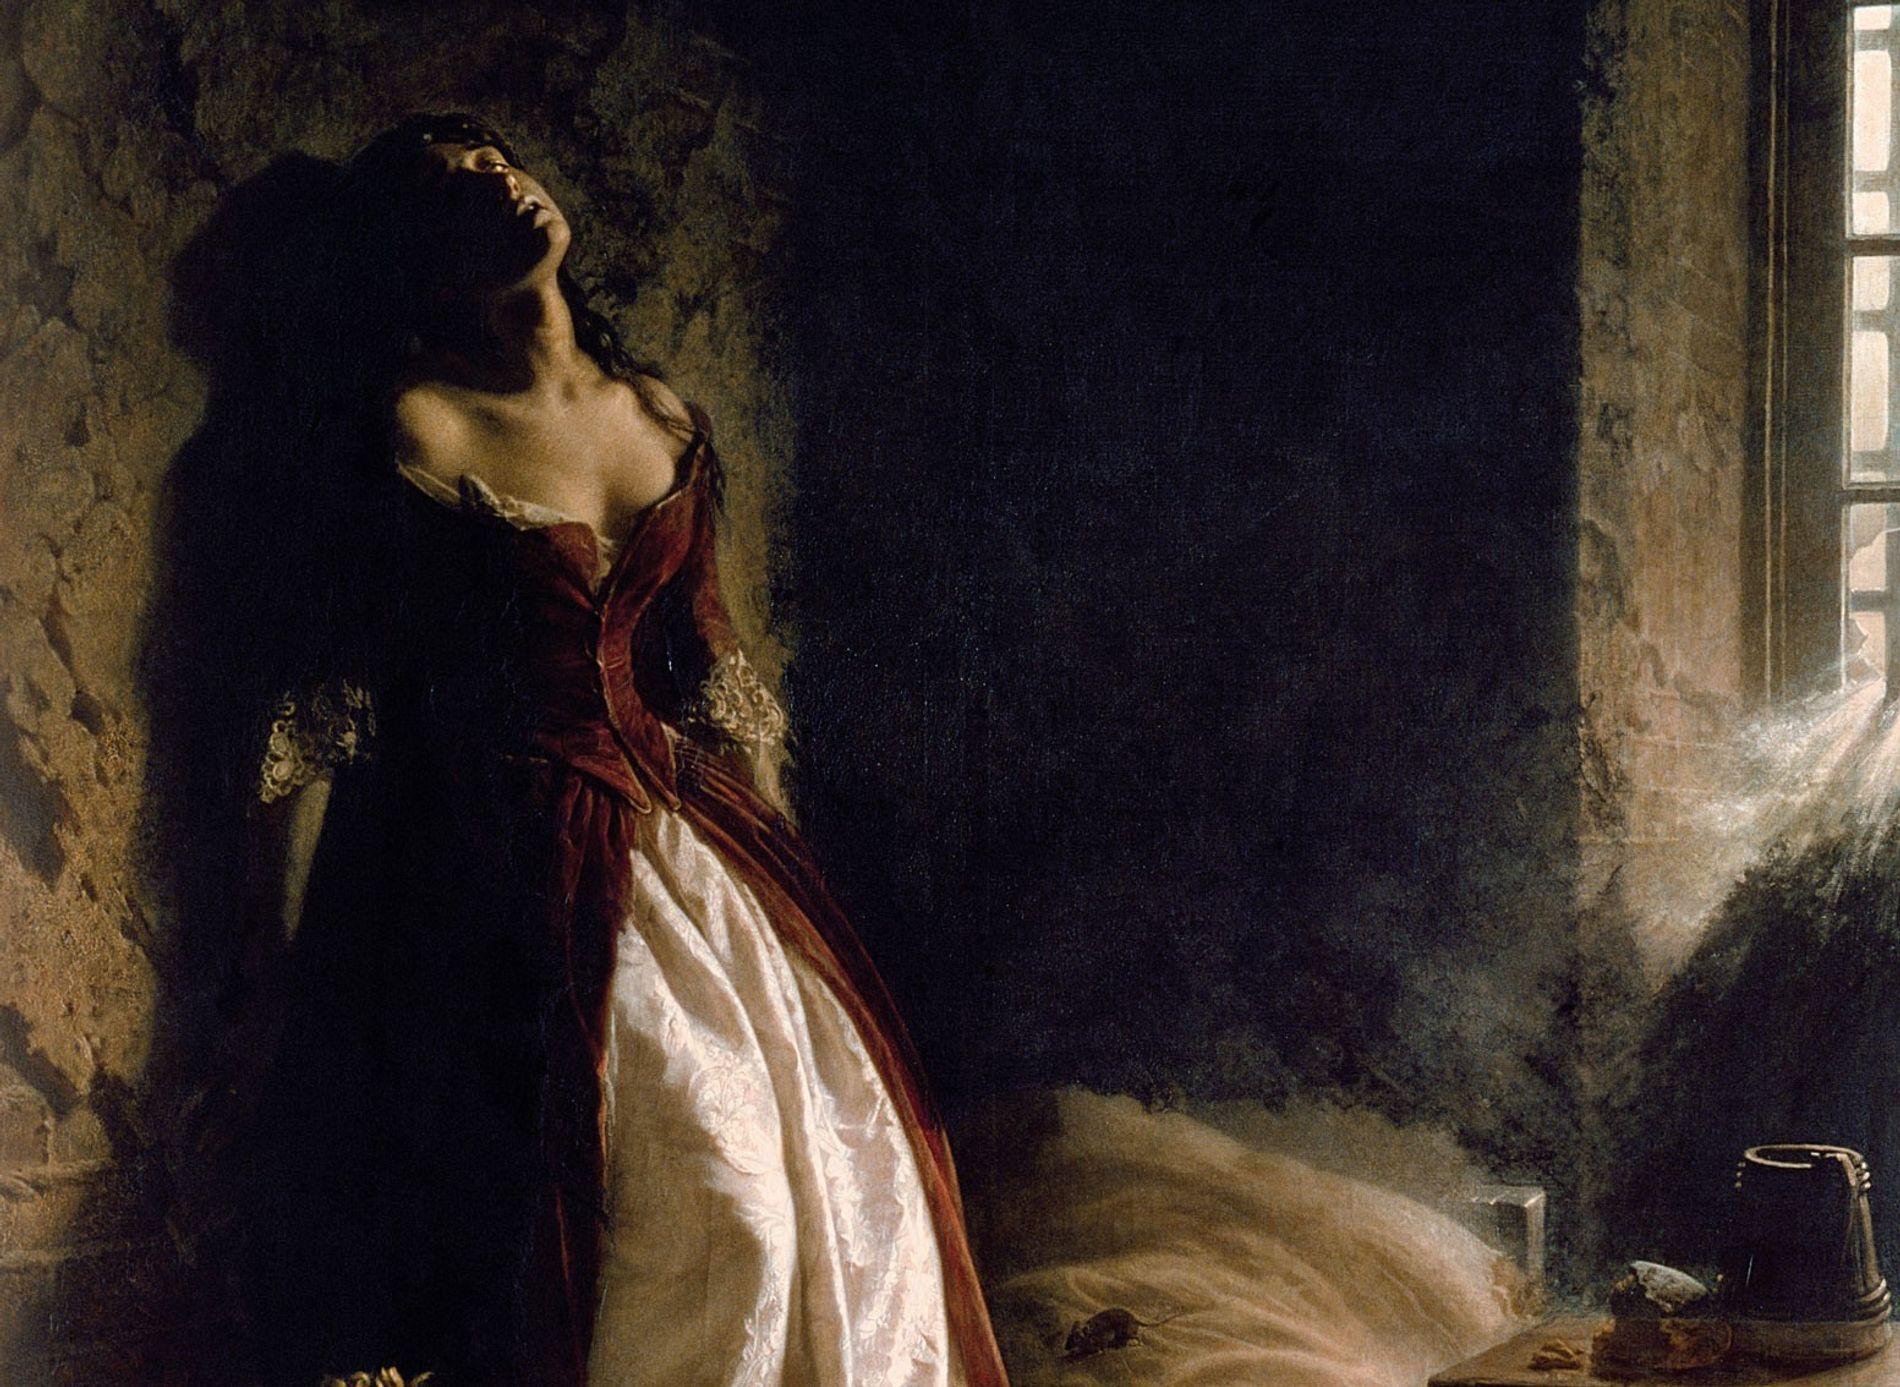 En 1864, l'artiste russe Konstantin Flavitsky a représenté « La princesse Tarakanova dans la forteresse Pierre-et-Paul, ...